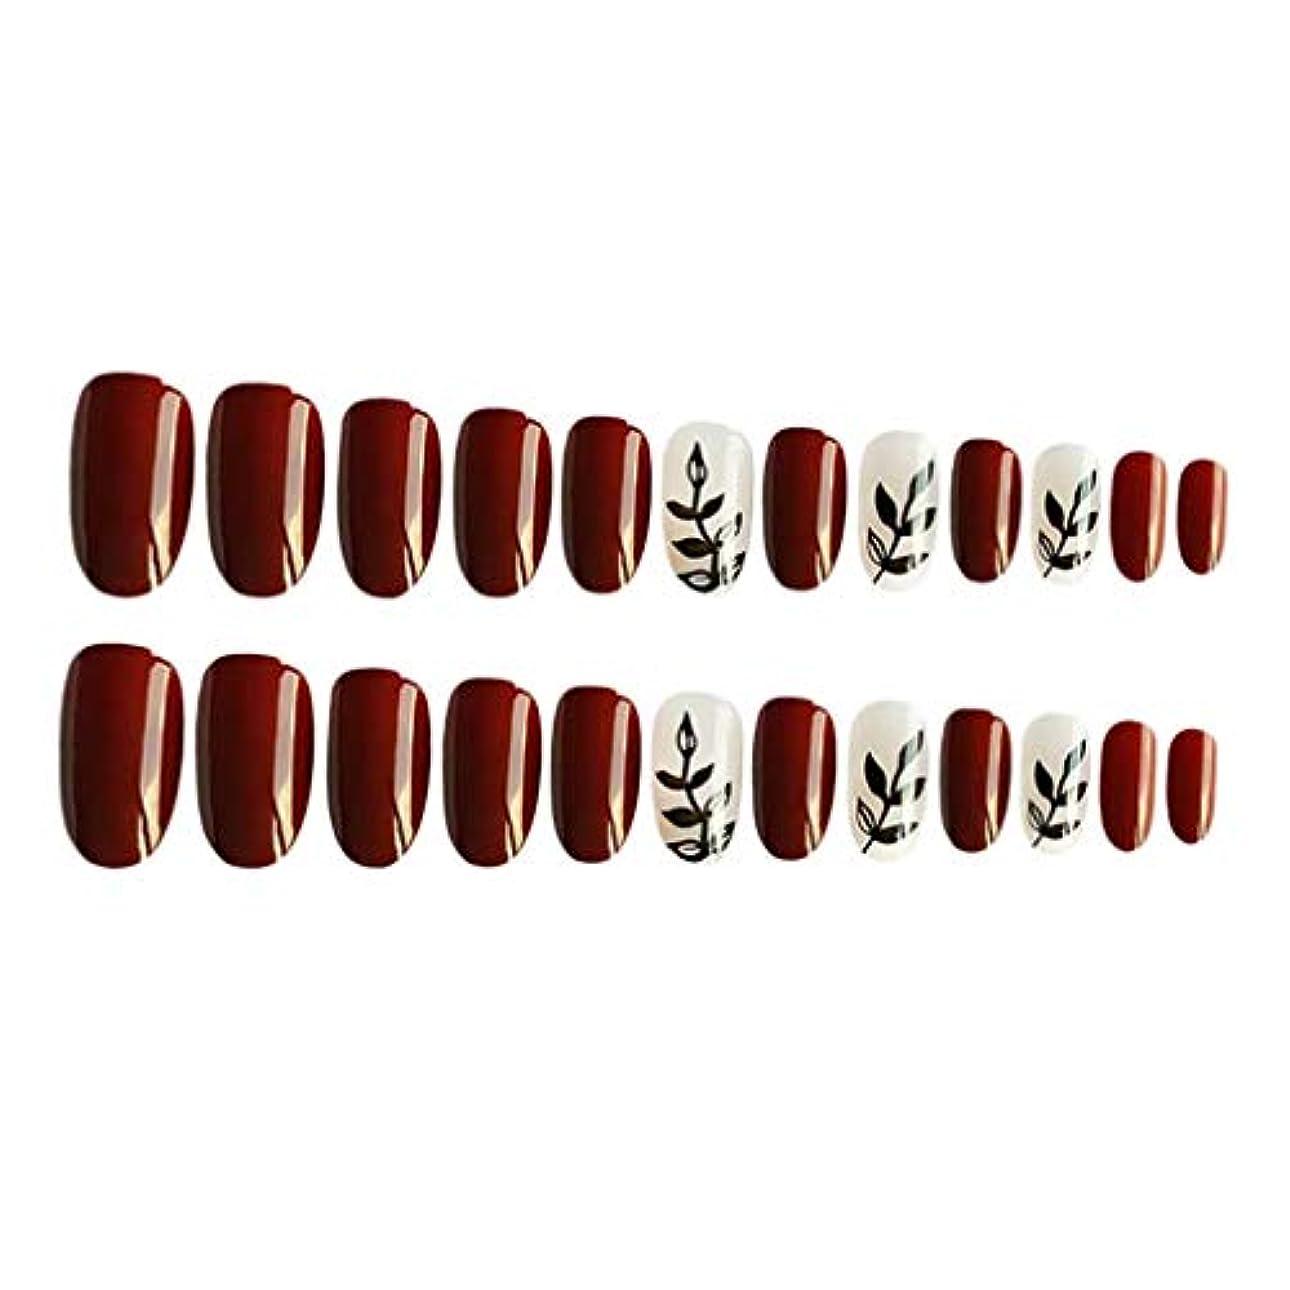 反抗関連付けるつまずくネイルチップ つけ爪 付け爪 ネイルステッカー 人工爪 ネイルアート サロン 用品 約24個入り 全4カラー - 01